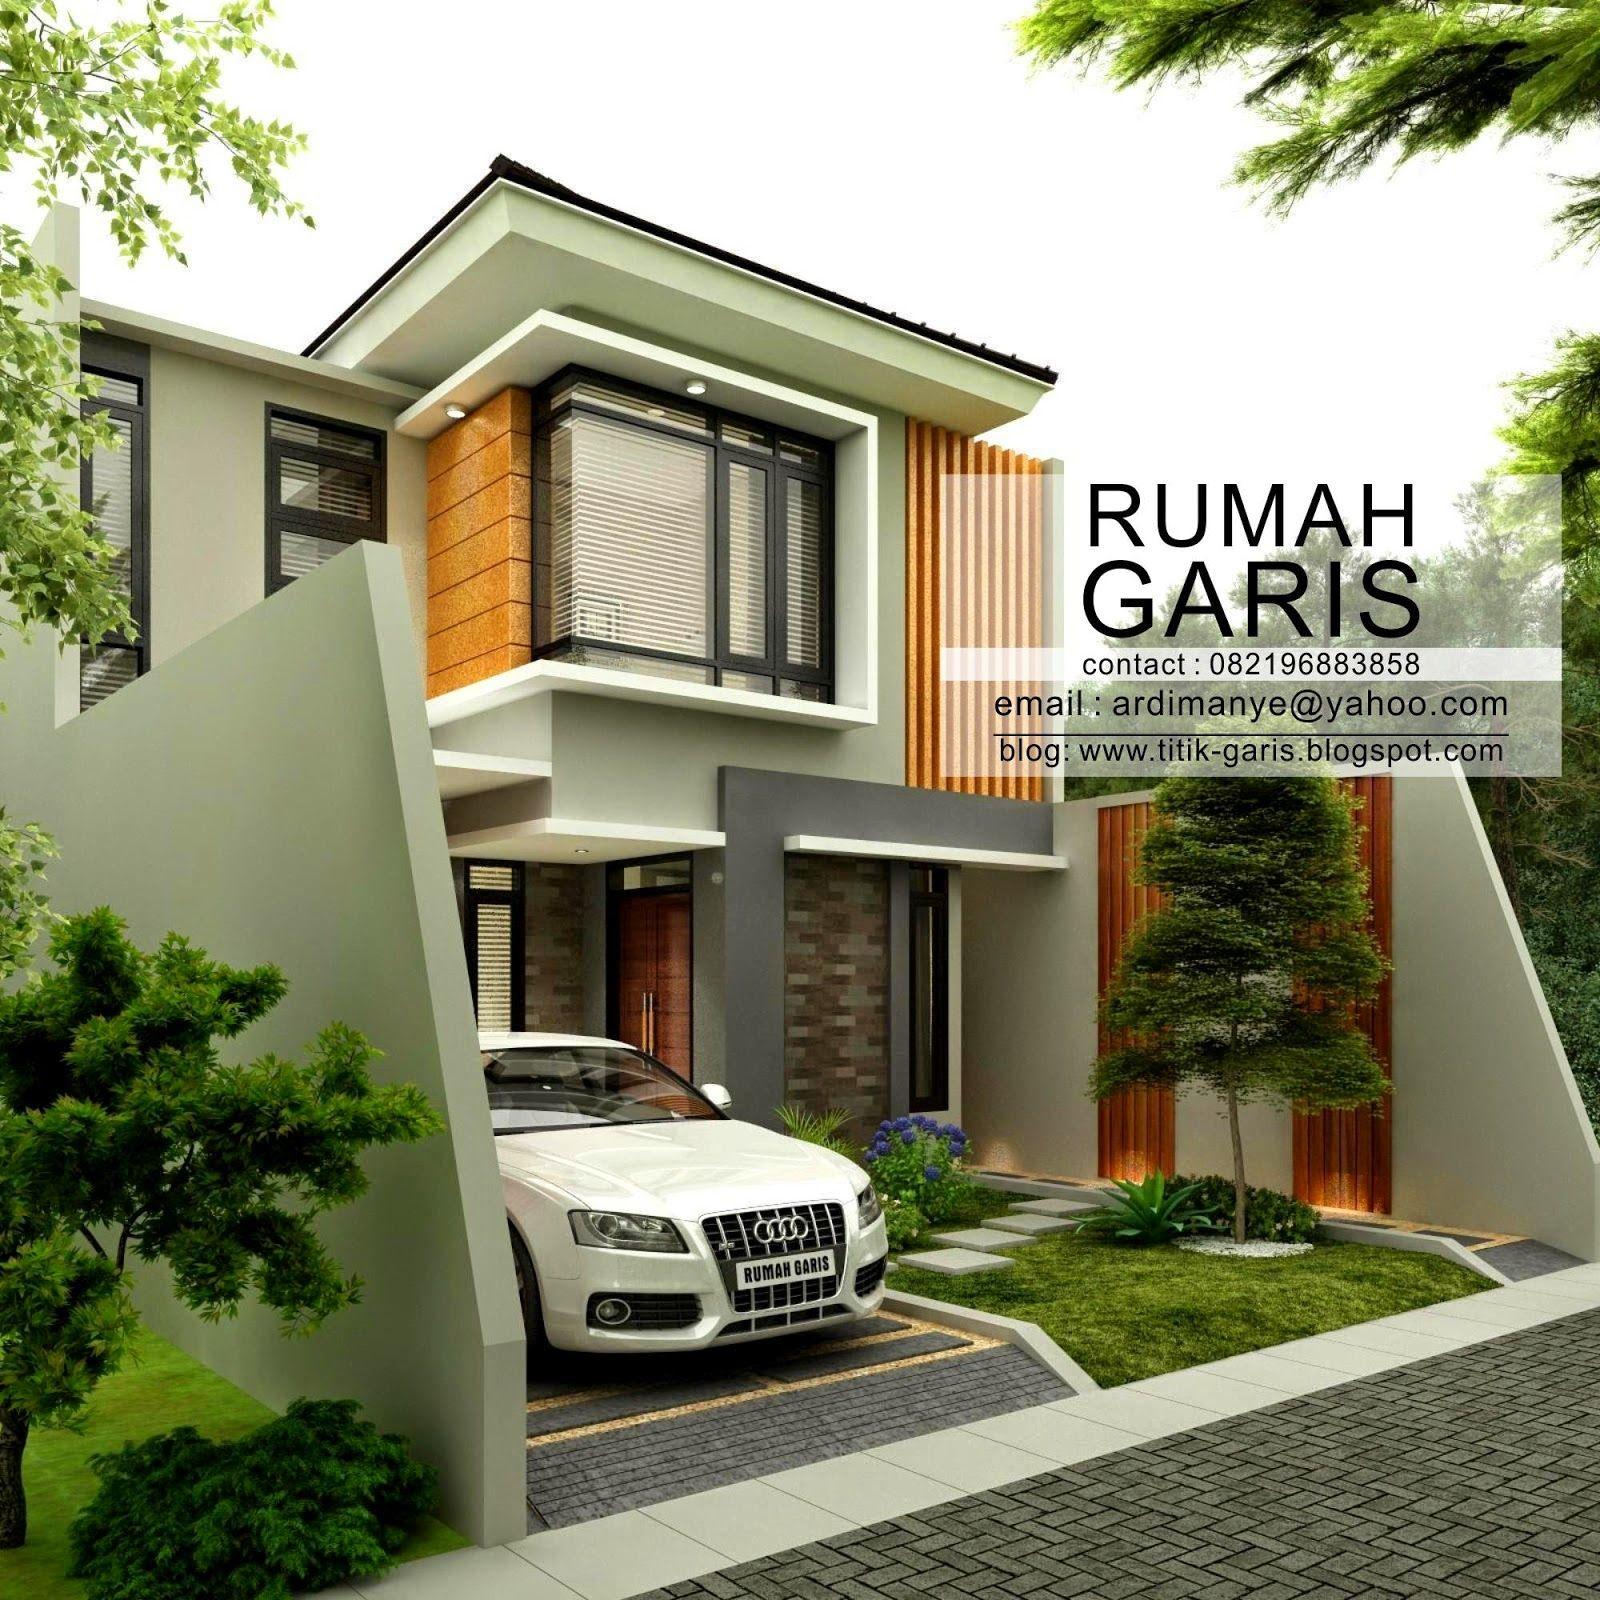 Rumah Garis Desain Rumah Rumah Rumah Minimalis